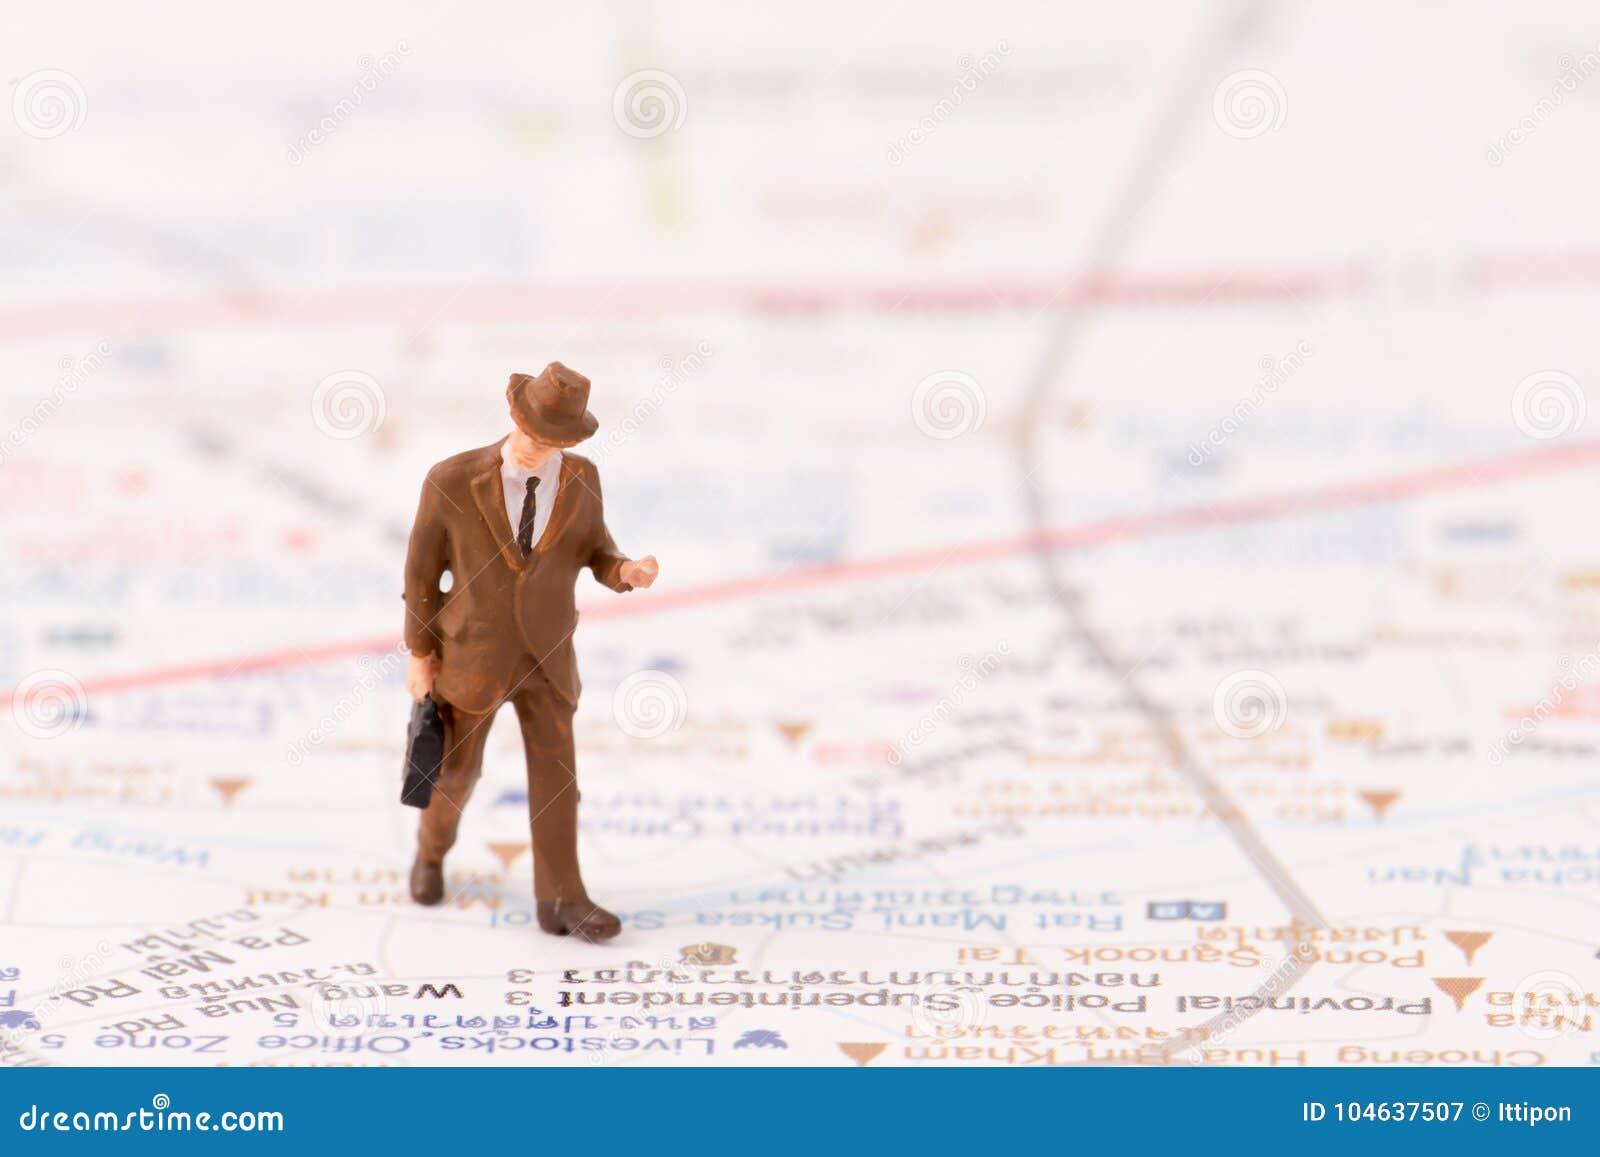 Download Miniatuurbeeldjes Van Reiziger Met Kaartachtergrond Stock Afbeelding - Afbeelding bestaande uit reiziger, klein: 104637507